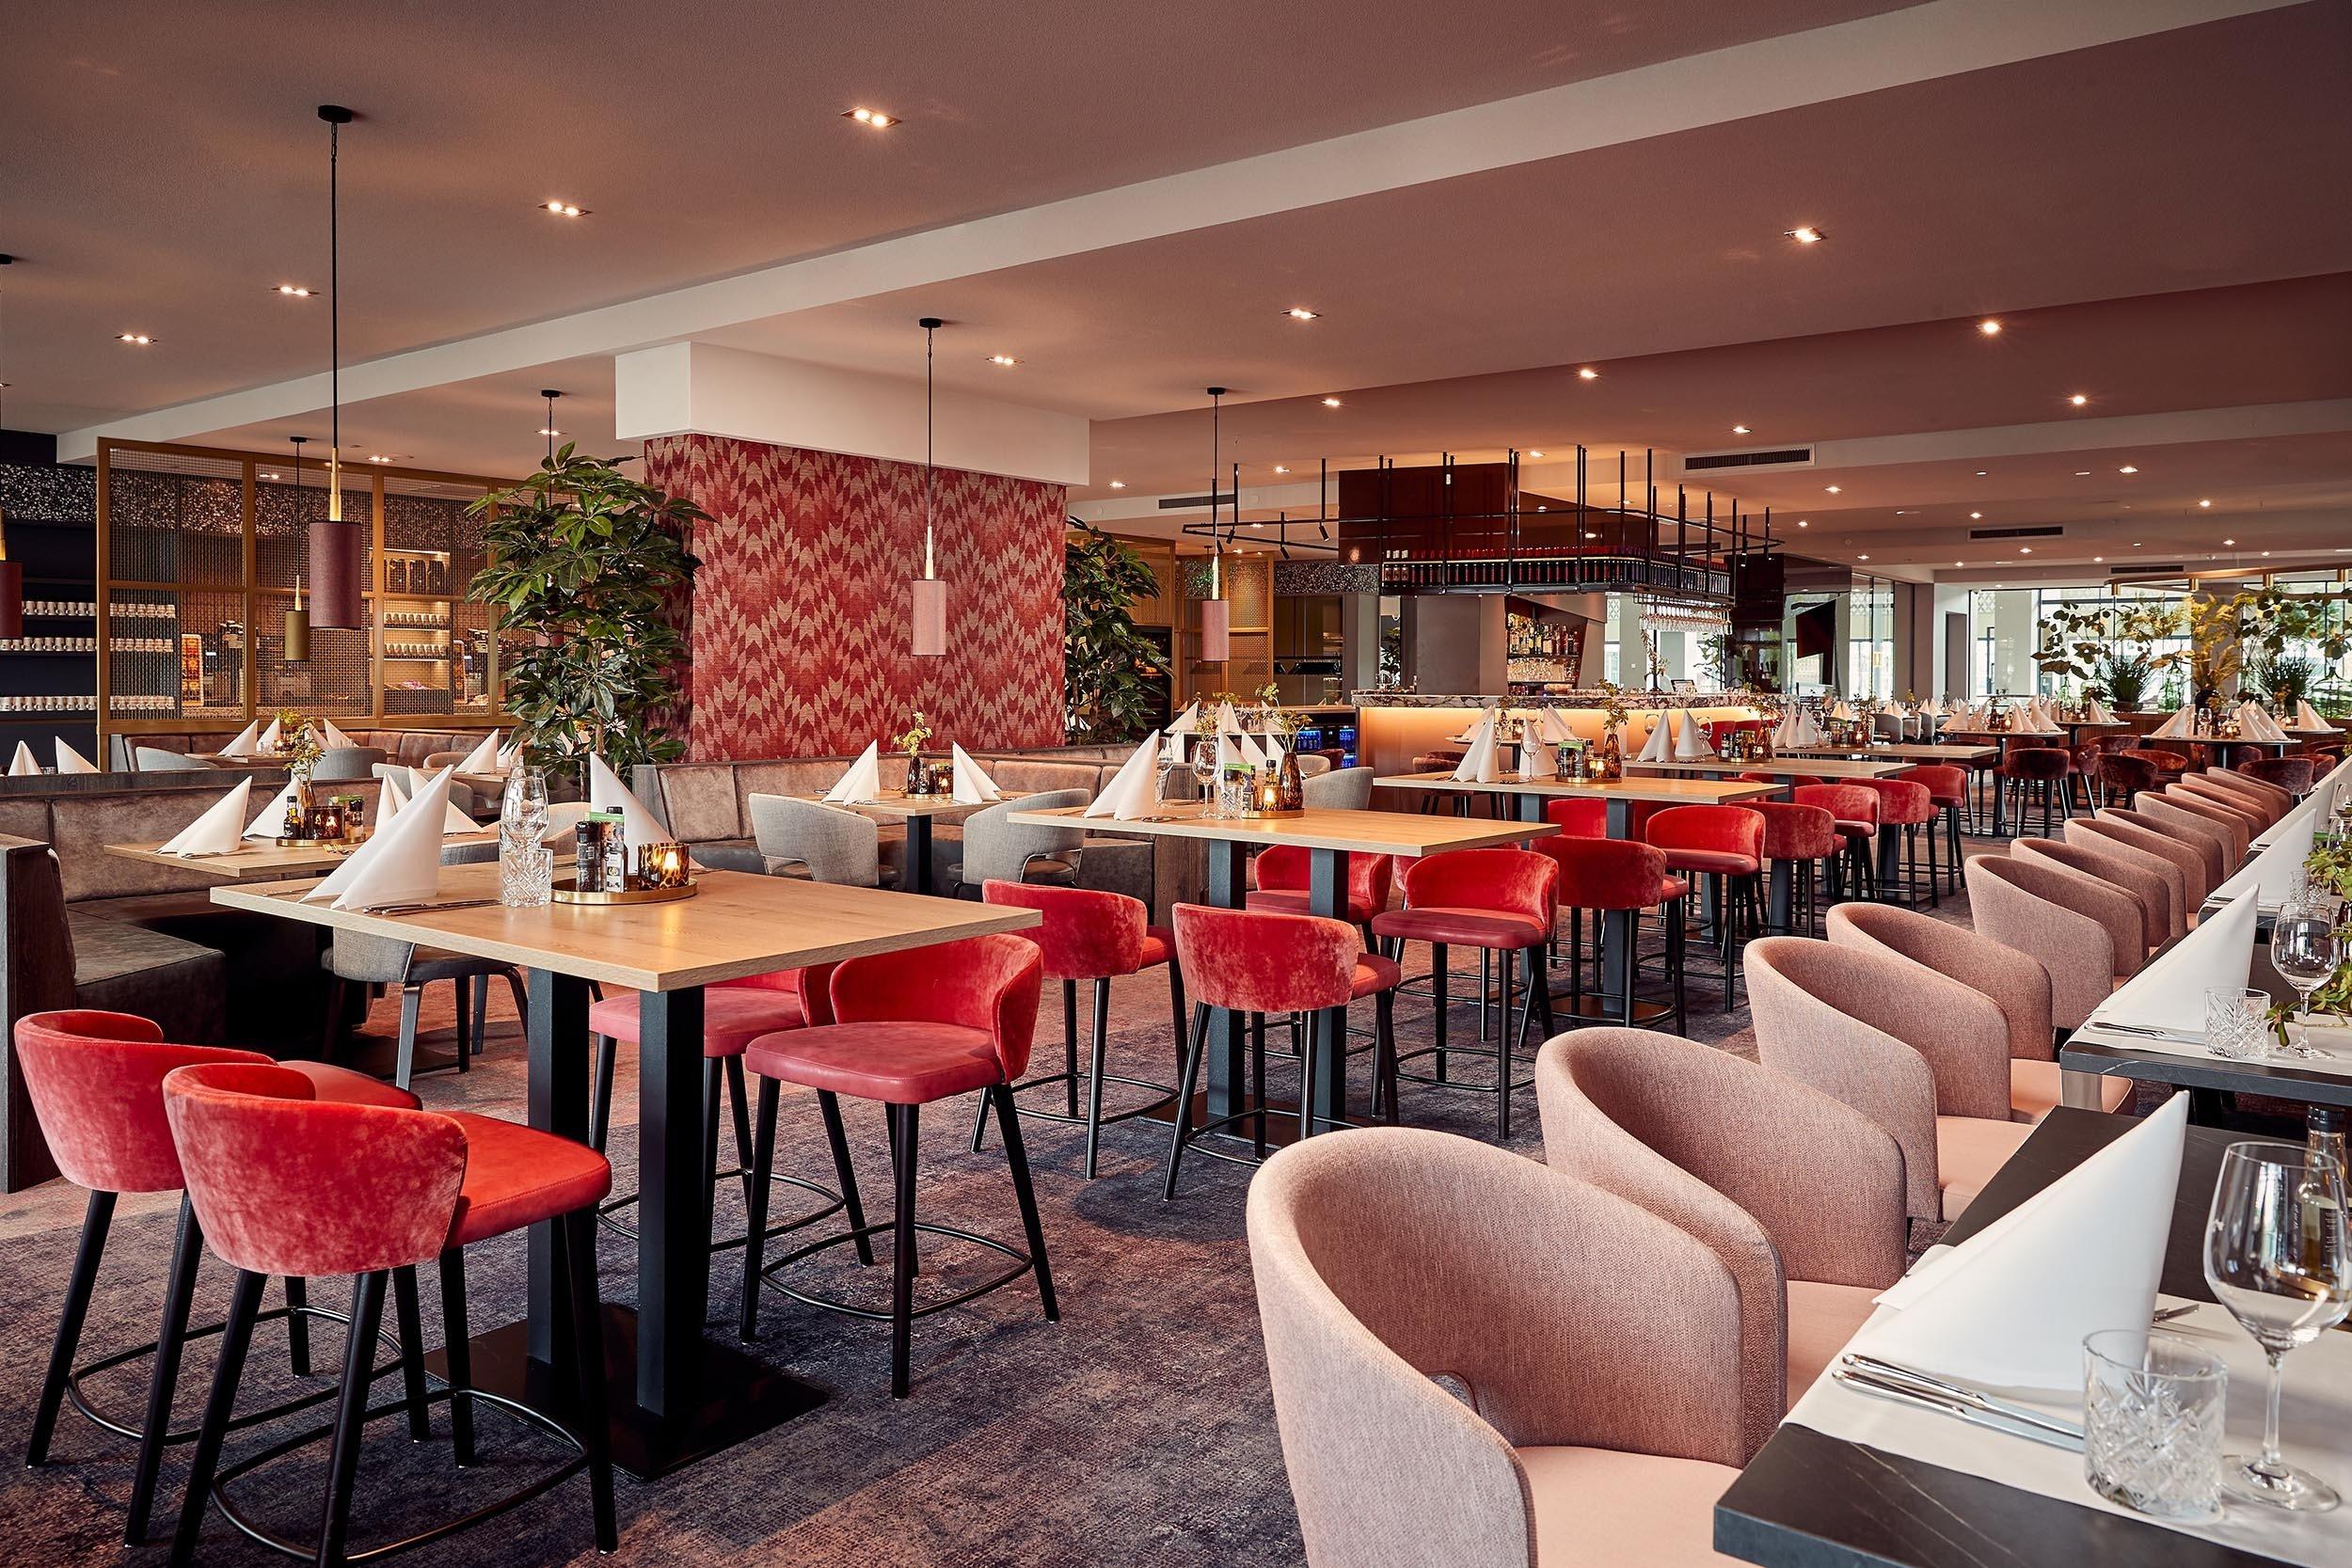 Dagaanbieding - FLASHDEAL ⚡ 4 dagen in luxe 4*-Van der Valk hotel Haarlem bij het strand incl 3 x 3-gangendiner dagelijkse koopjes